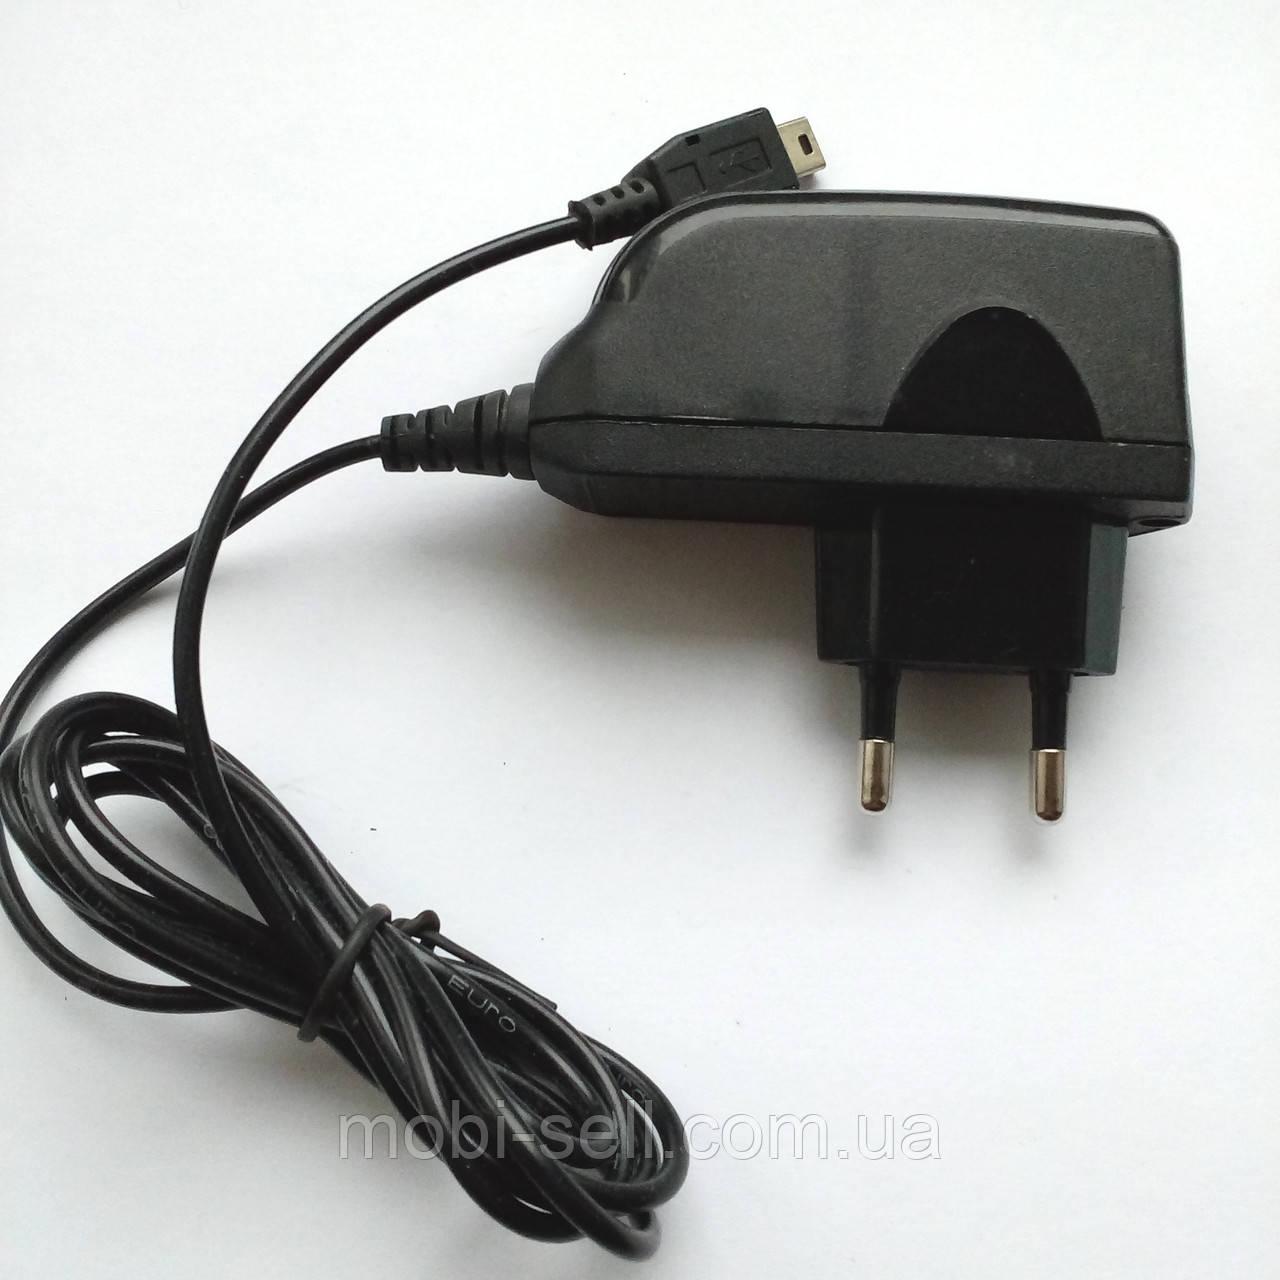 Зарядний пристрій Mini USB універсальний (Китай)